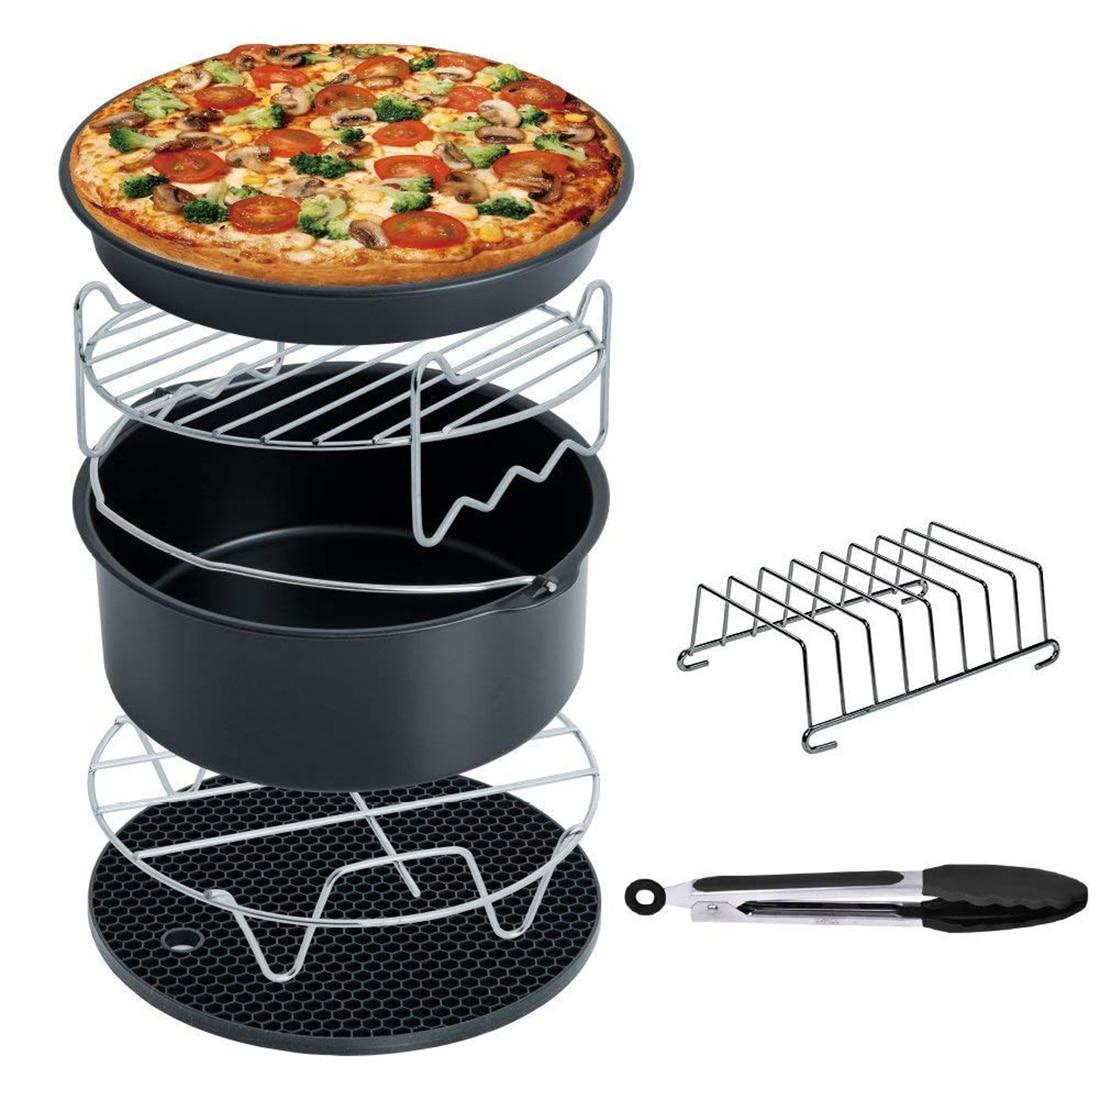 Air Fryer Accessories Deep Fryer Universal, Cake Barrel, Pizza Pan,Mat, Skewer Rack, holder Fit all 5.3Qt 5.8Qt(XL)